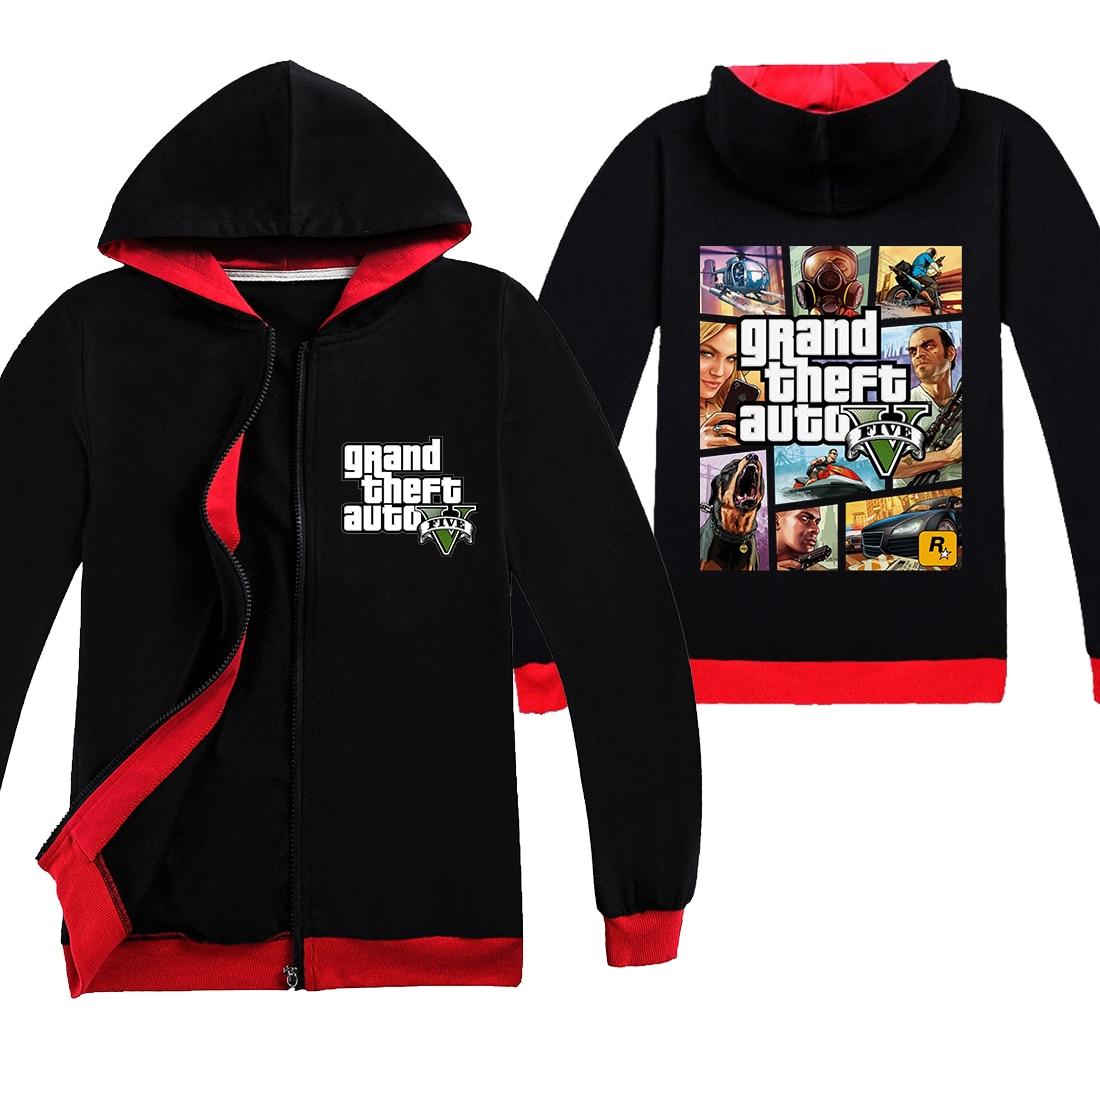 2020 nuevo juego Grand Theft Auto GTA 5 abrigo con cremallera para niños Cool GTA5 ropa para niños Tops estampados coloridos ropa divertida para niñas